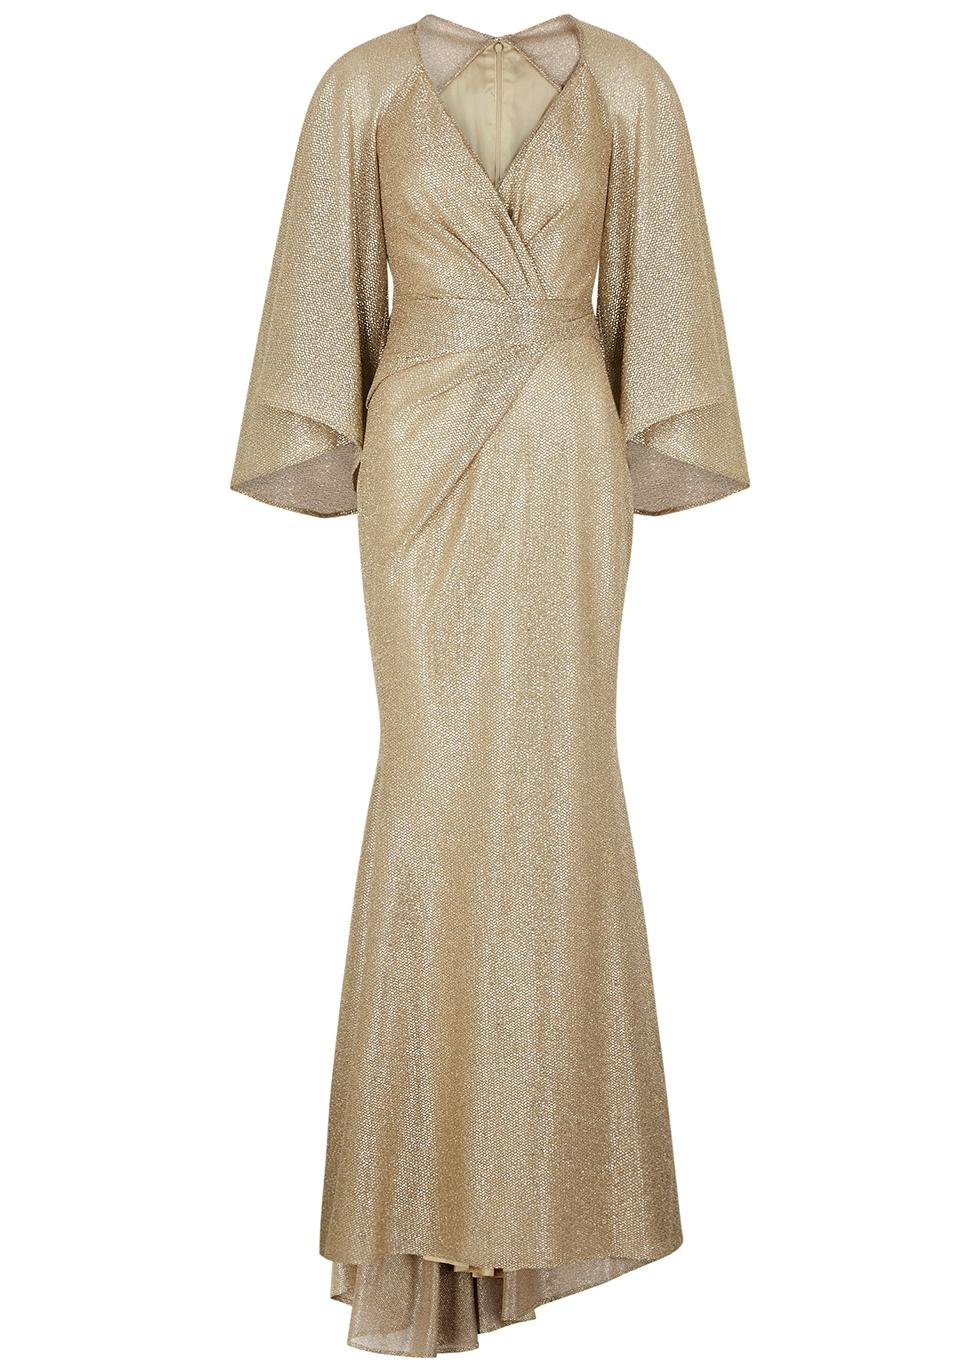 Conley gold foil-print gown